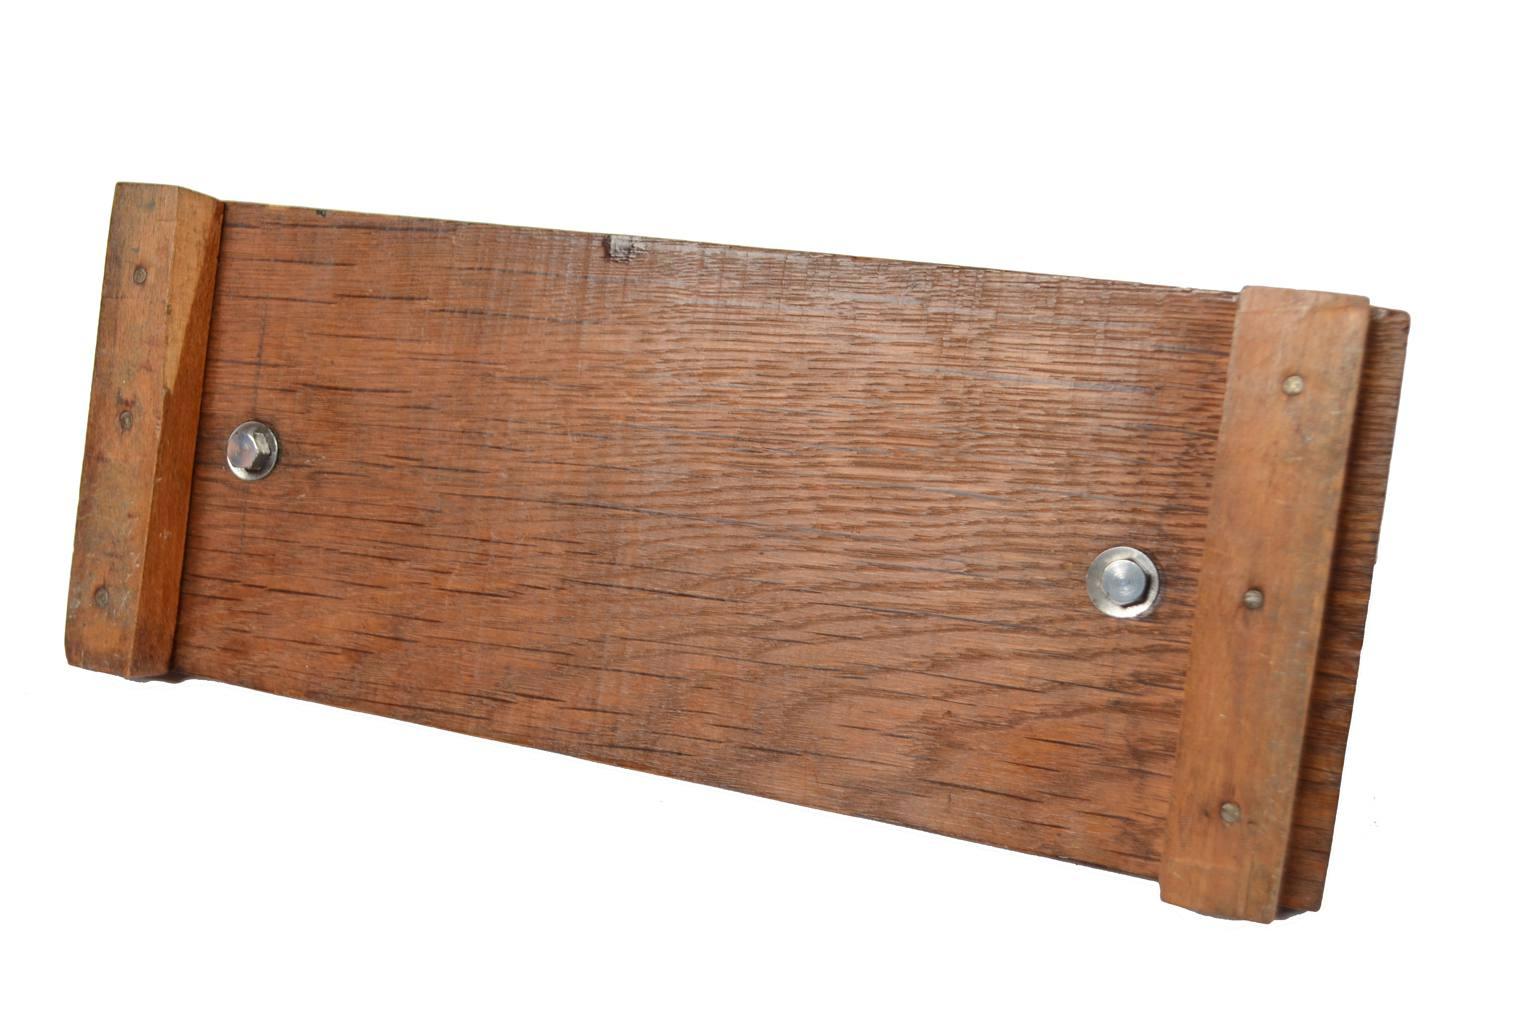 古测量工具/61057-用于测量金属膨胀的仪器